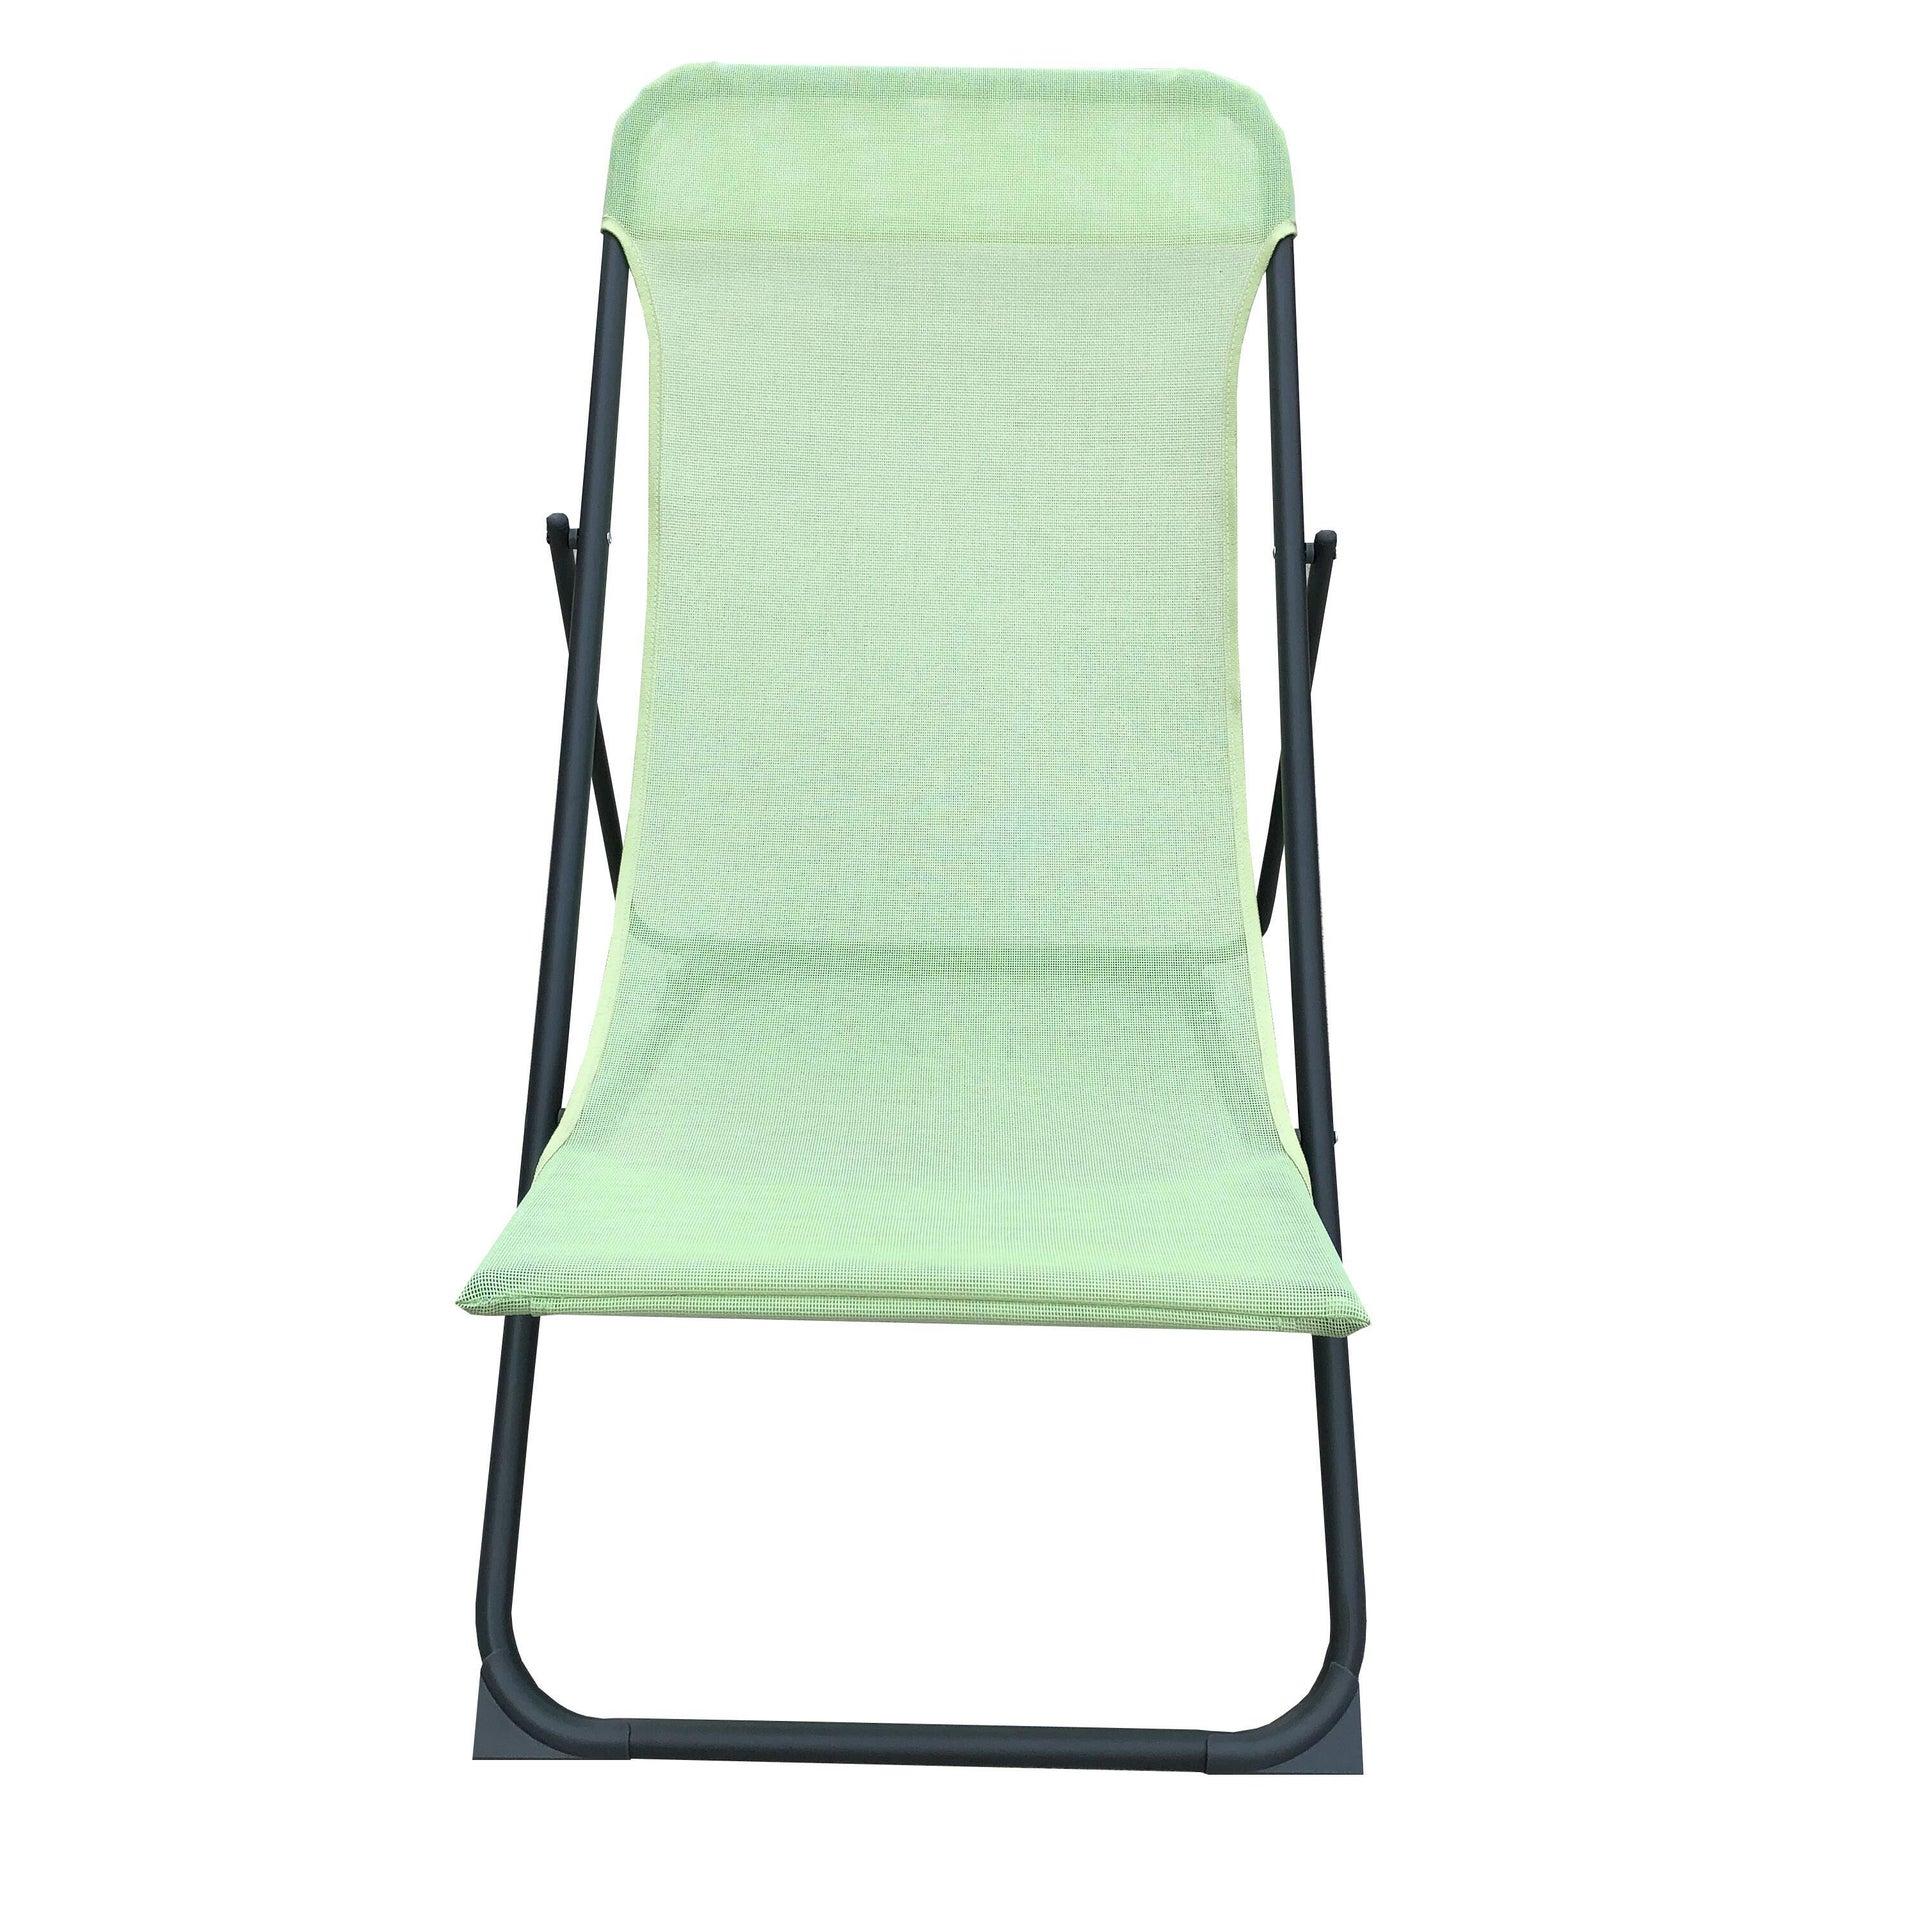 Sedia da giardino senza cuscino pieghevole in acciaio Biganos colore verde - 4